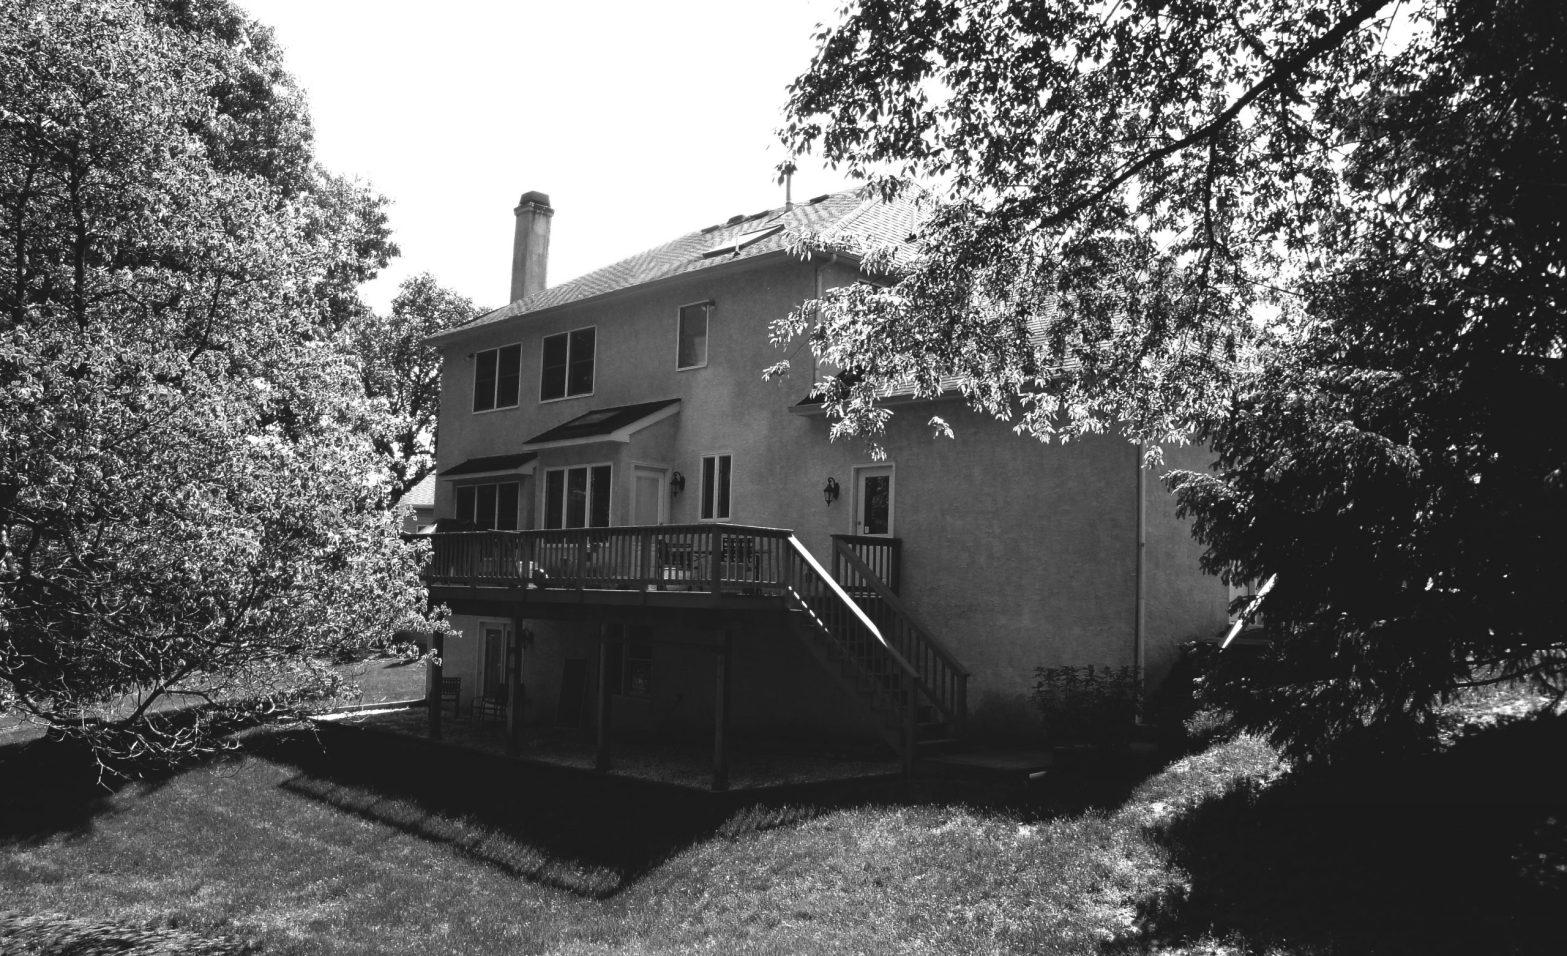 hauntedhouse-1438707440-99.jpg